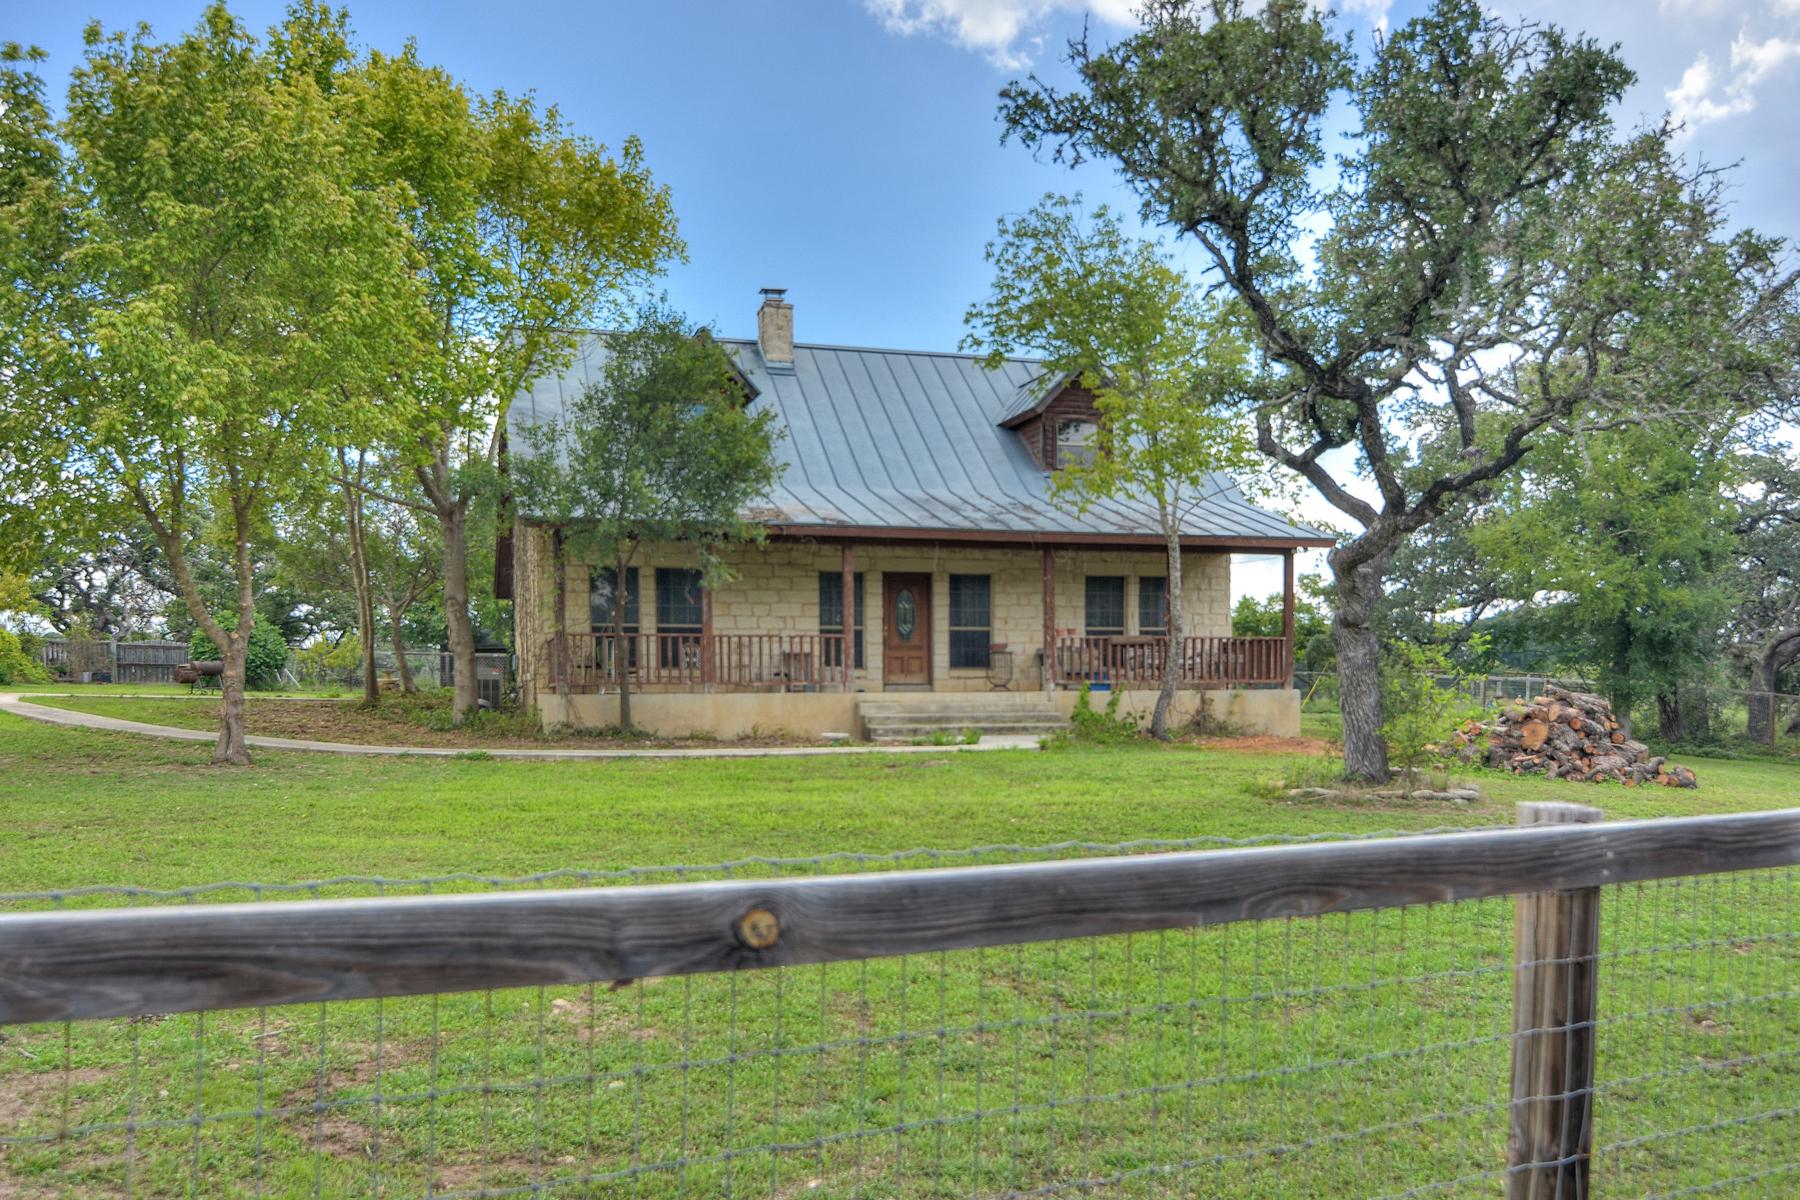 Ferme / Ranch / Plantation pour l Vente à Darmstat Creek Ranch 912 Fm 473 Boerne, Texas, 78006 États-Unis